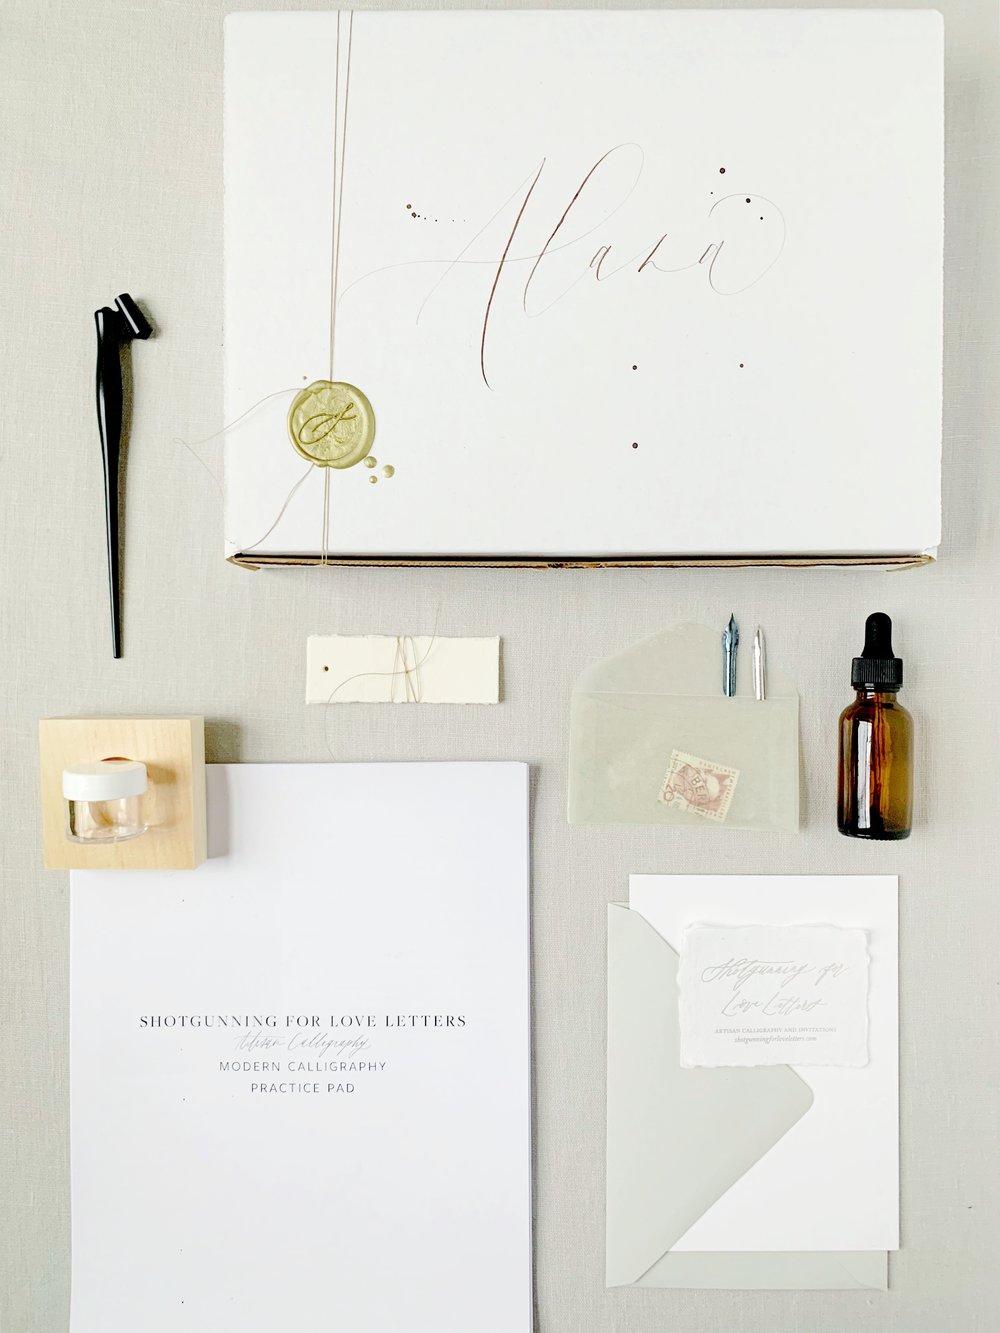 Learn Modern Calligraphy Beginners Kit   Shotgunning for Love Letters